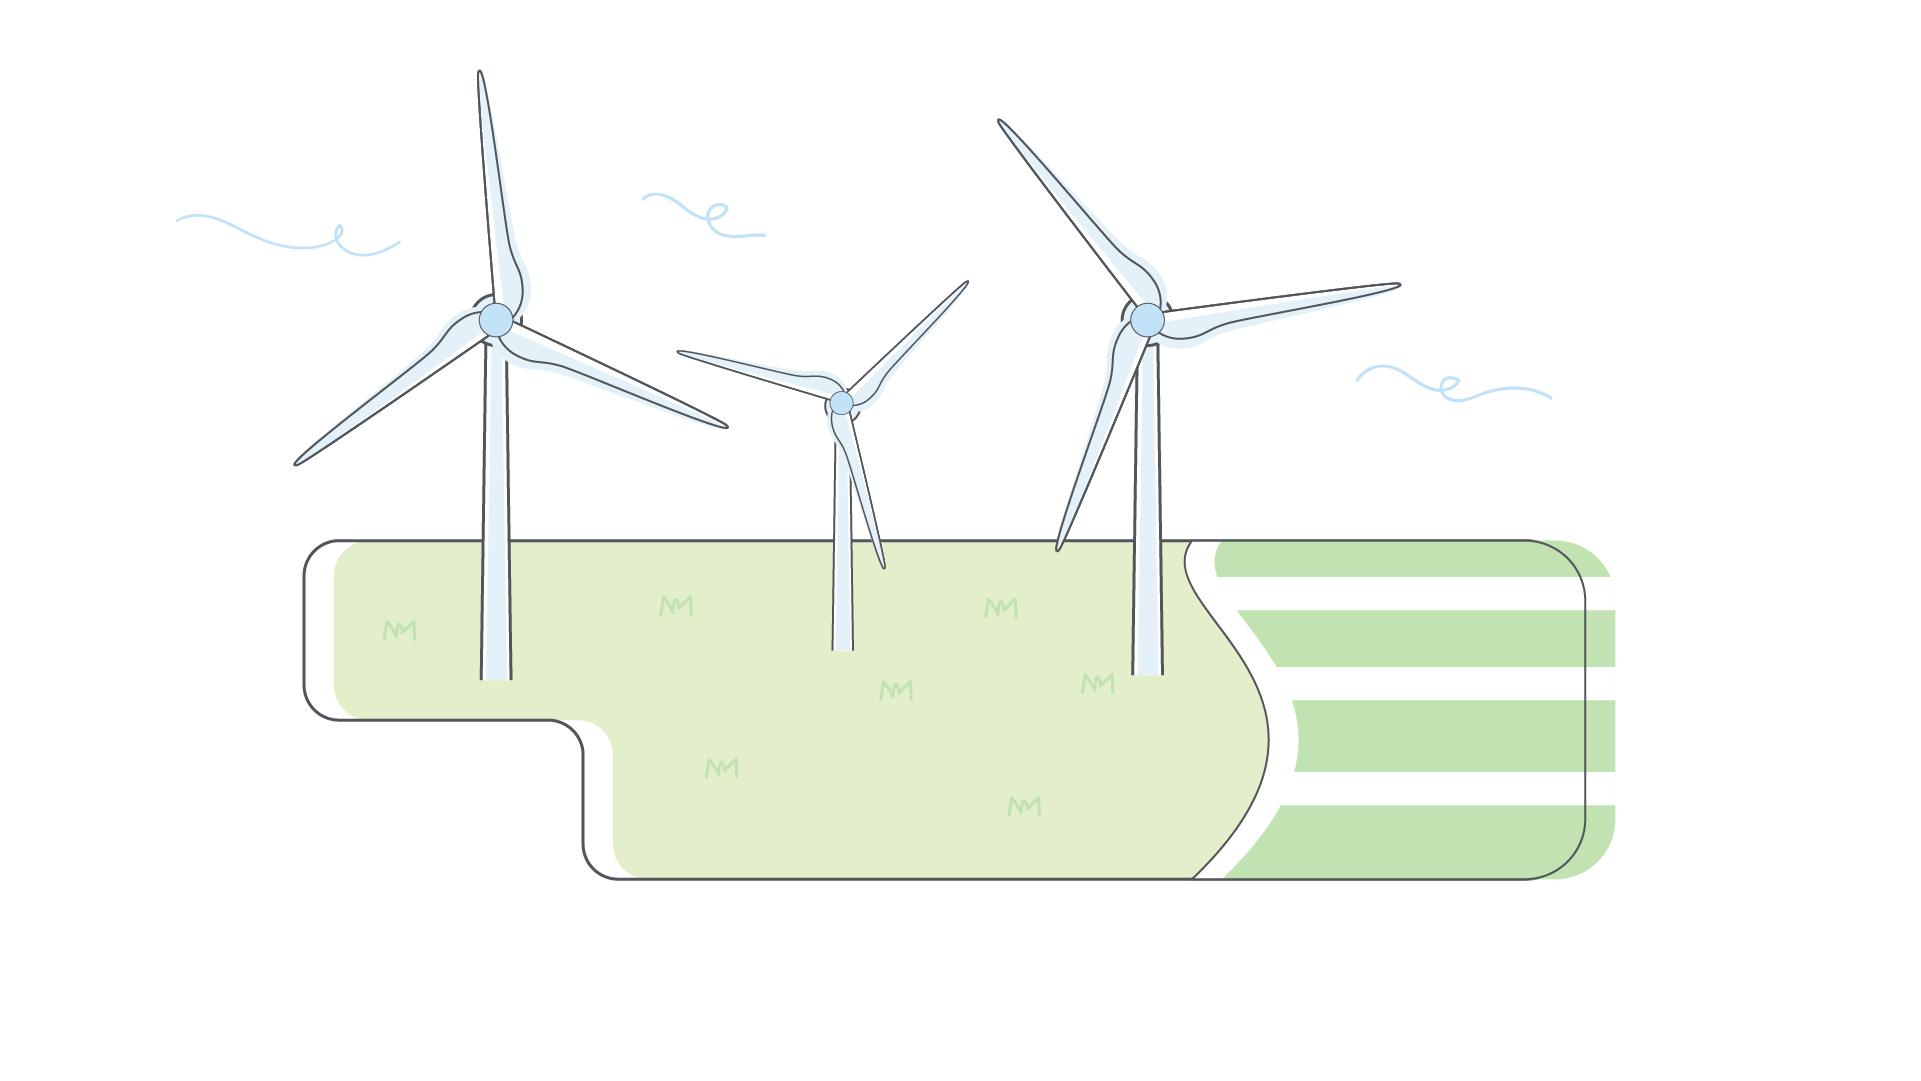 Essent_Windenergie_stijplaat01_windmolens.png